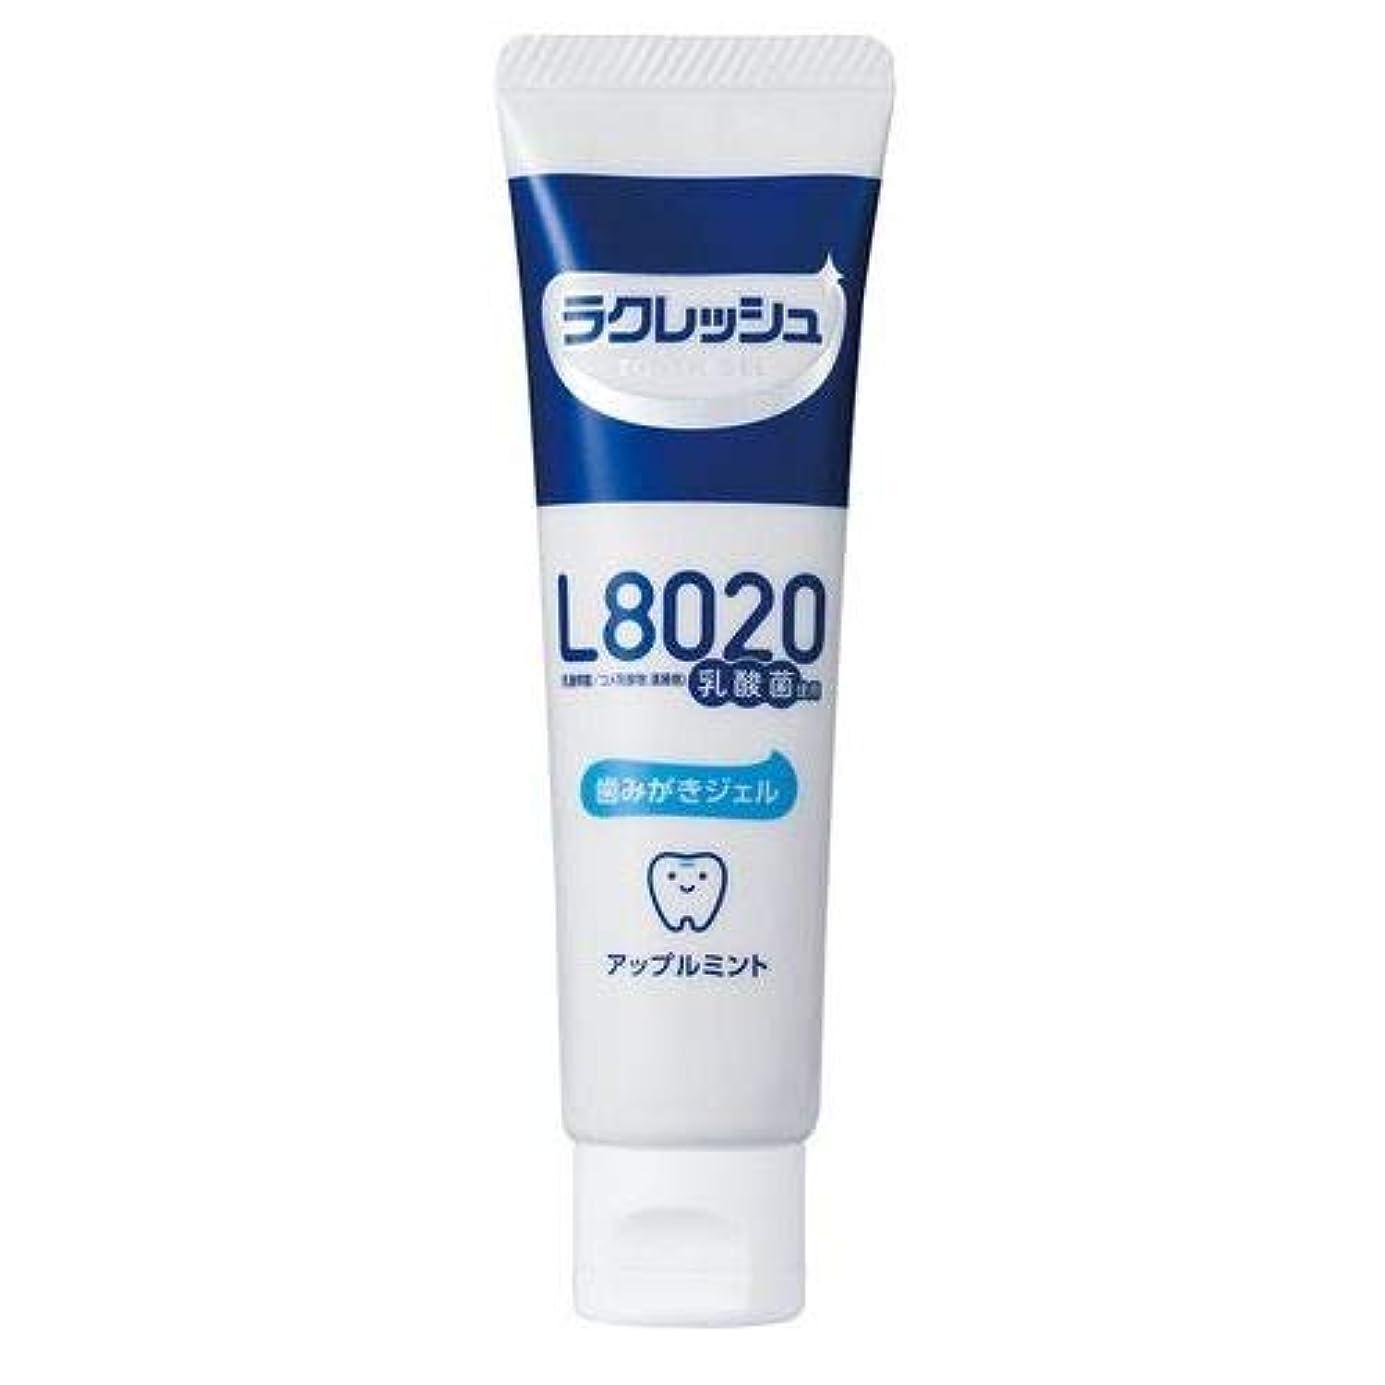 【50個セット】L8020乳酸菌 ラクレッシュ 歯みがきジェル 994918